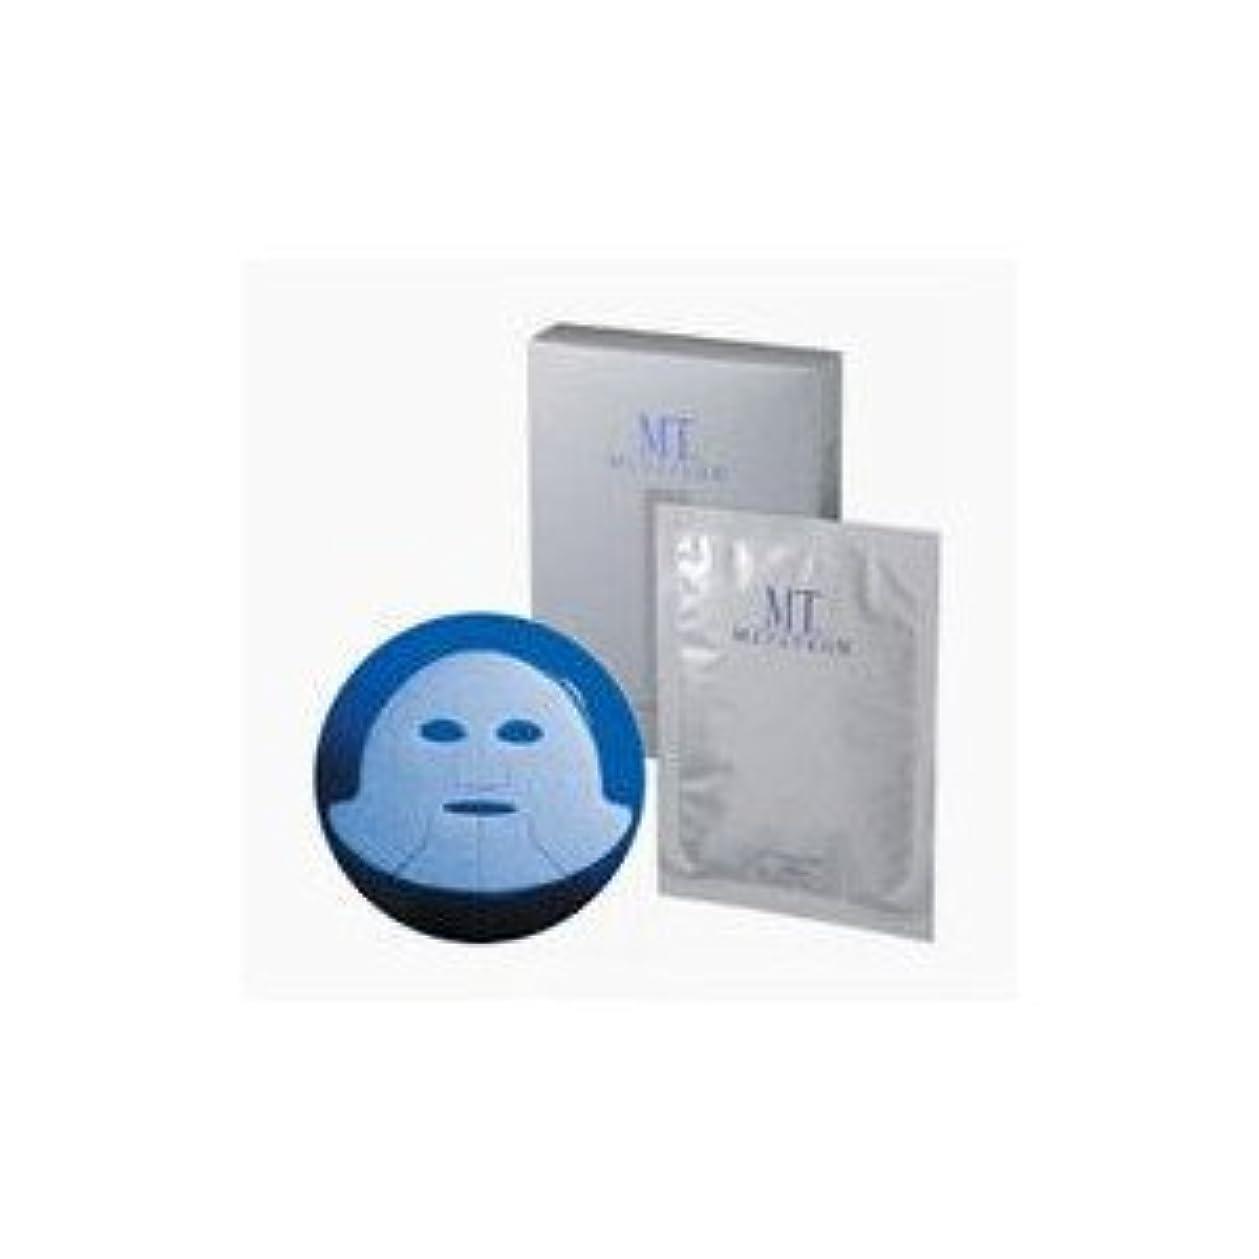 だます関連付ける平衡MTメタトロン MT コントア マスク 6枚入り アウトレット